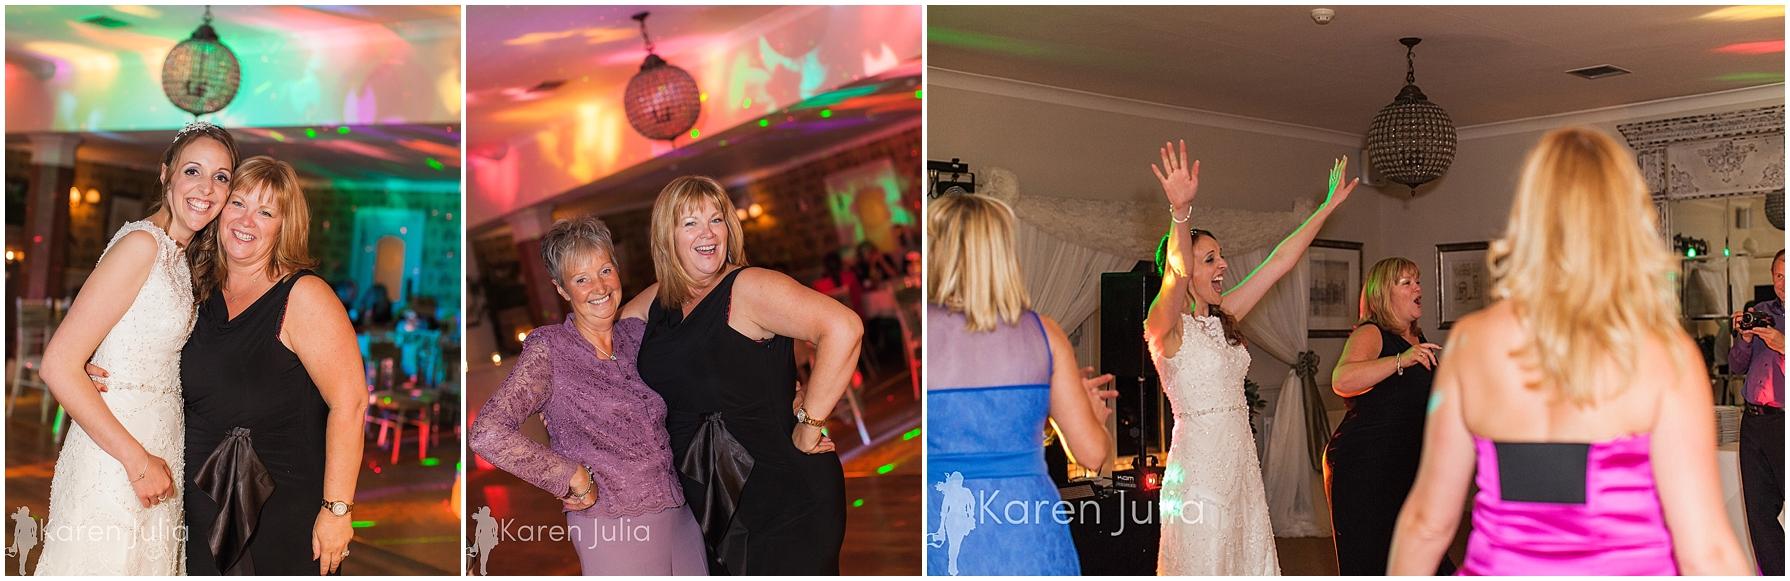 Shireburn-Arms-Wedding-Photography-61